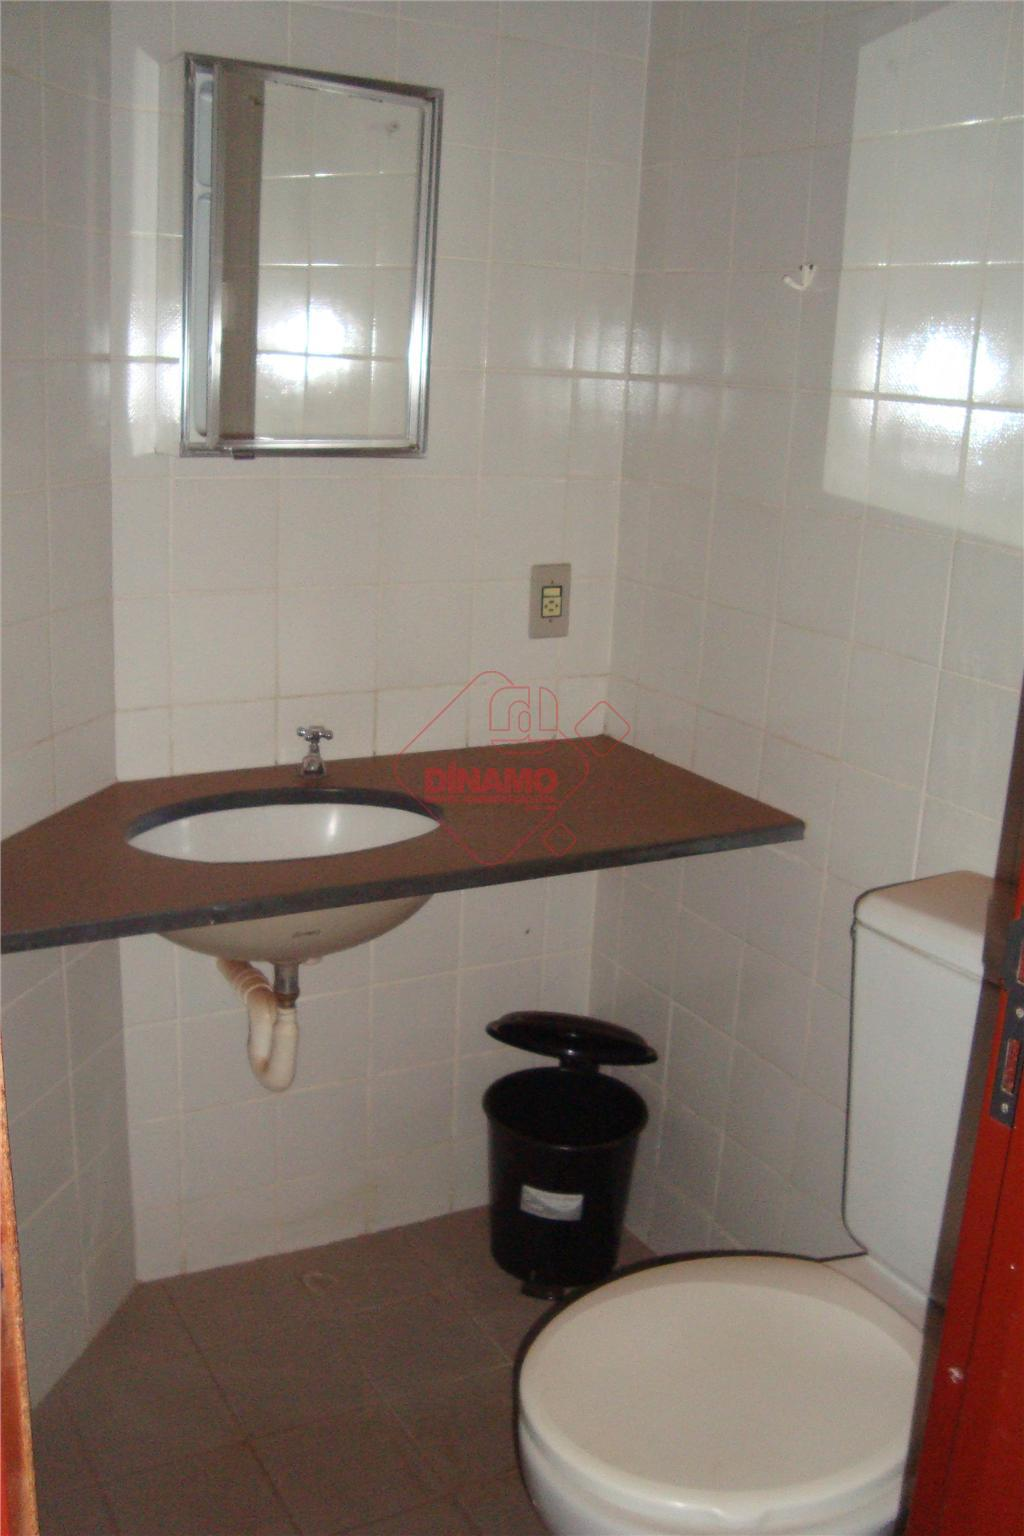 01 suite (arm), sala, cozinha (arm), área de serviço garagem, imóvel com 01 cama de solteiro,...